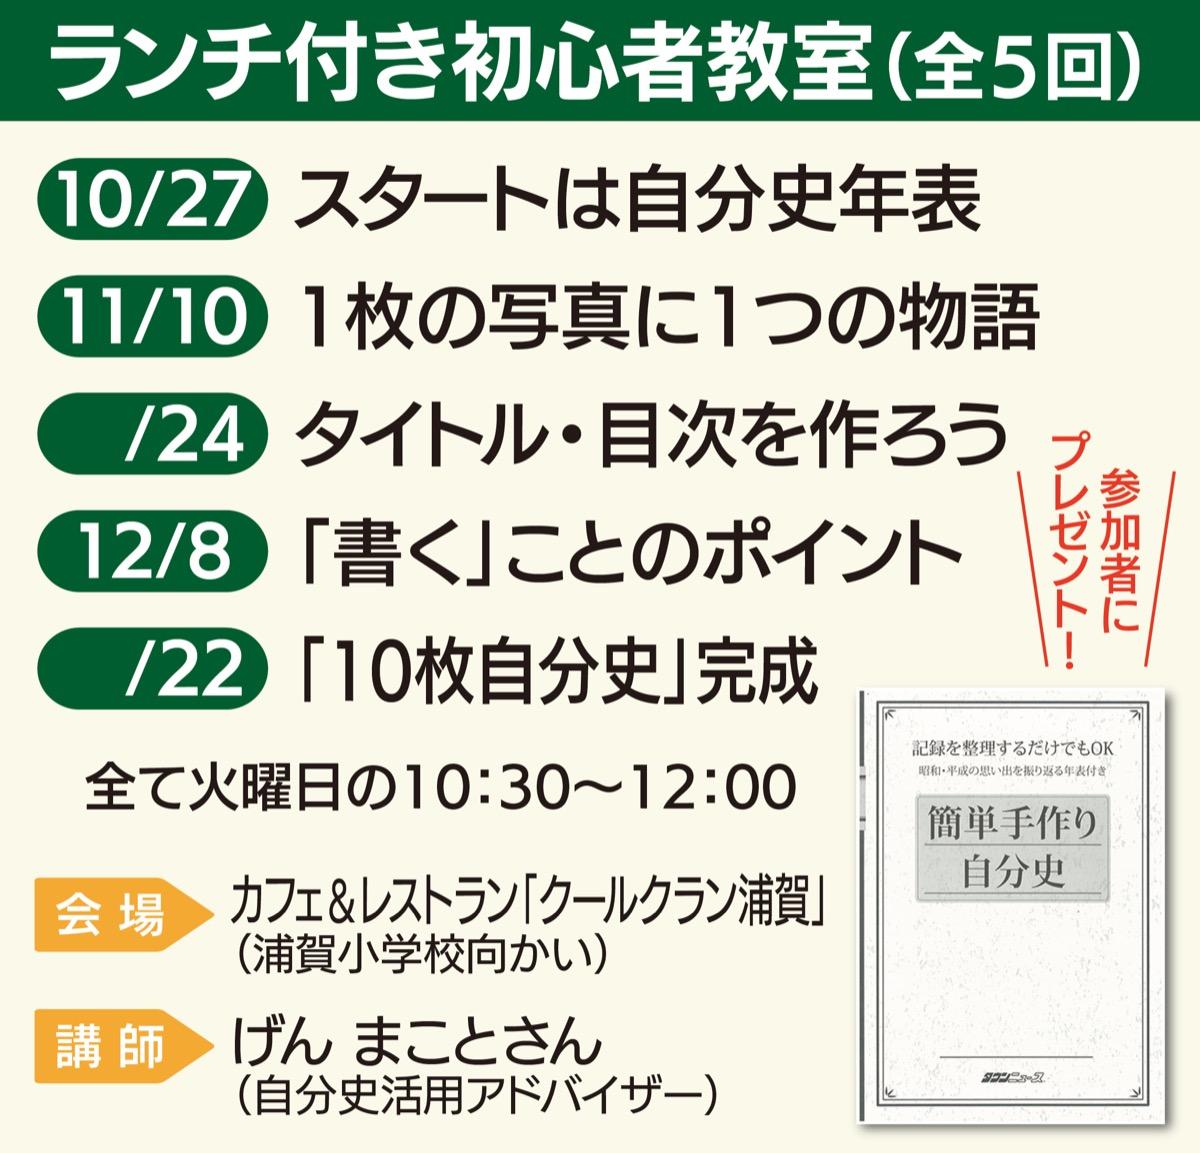 記憶の整理整頓「自分史教室 」タウンニュース社主催@横須賀市・浦賀